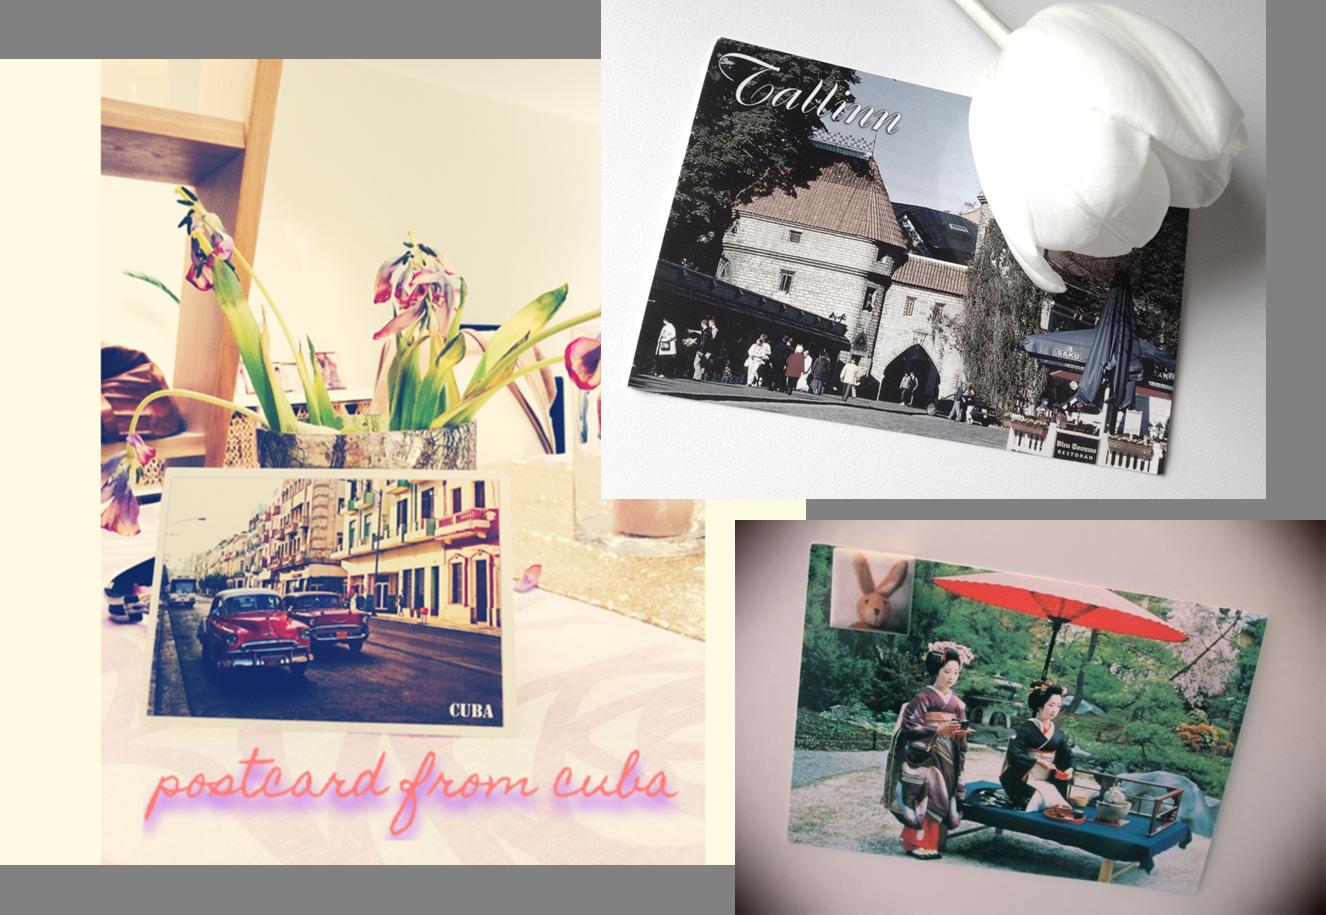 postikortti.png